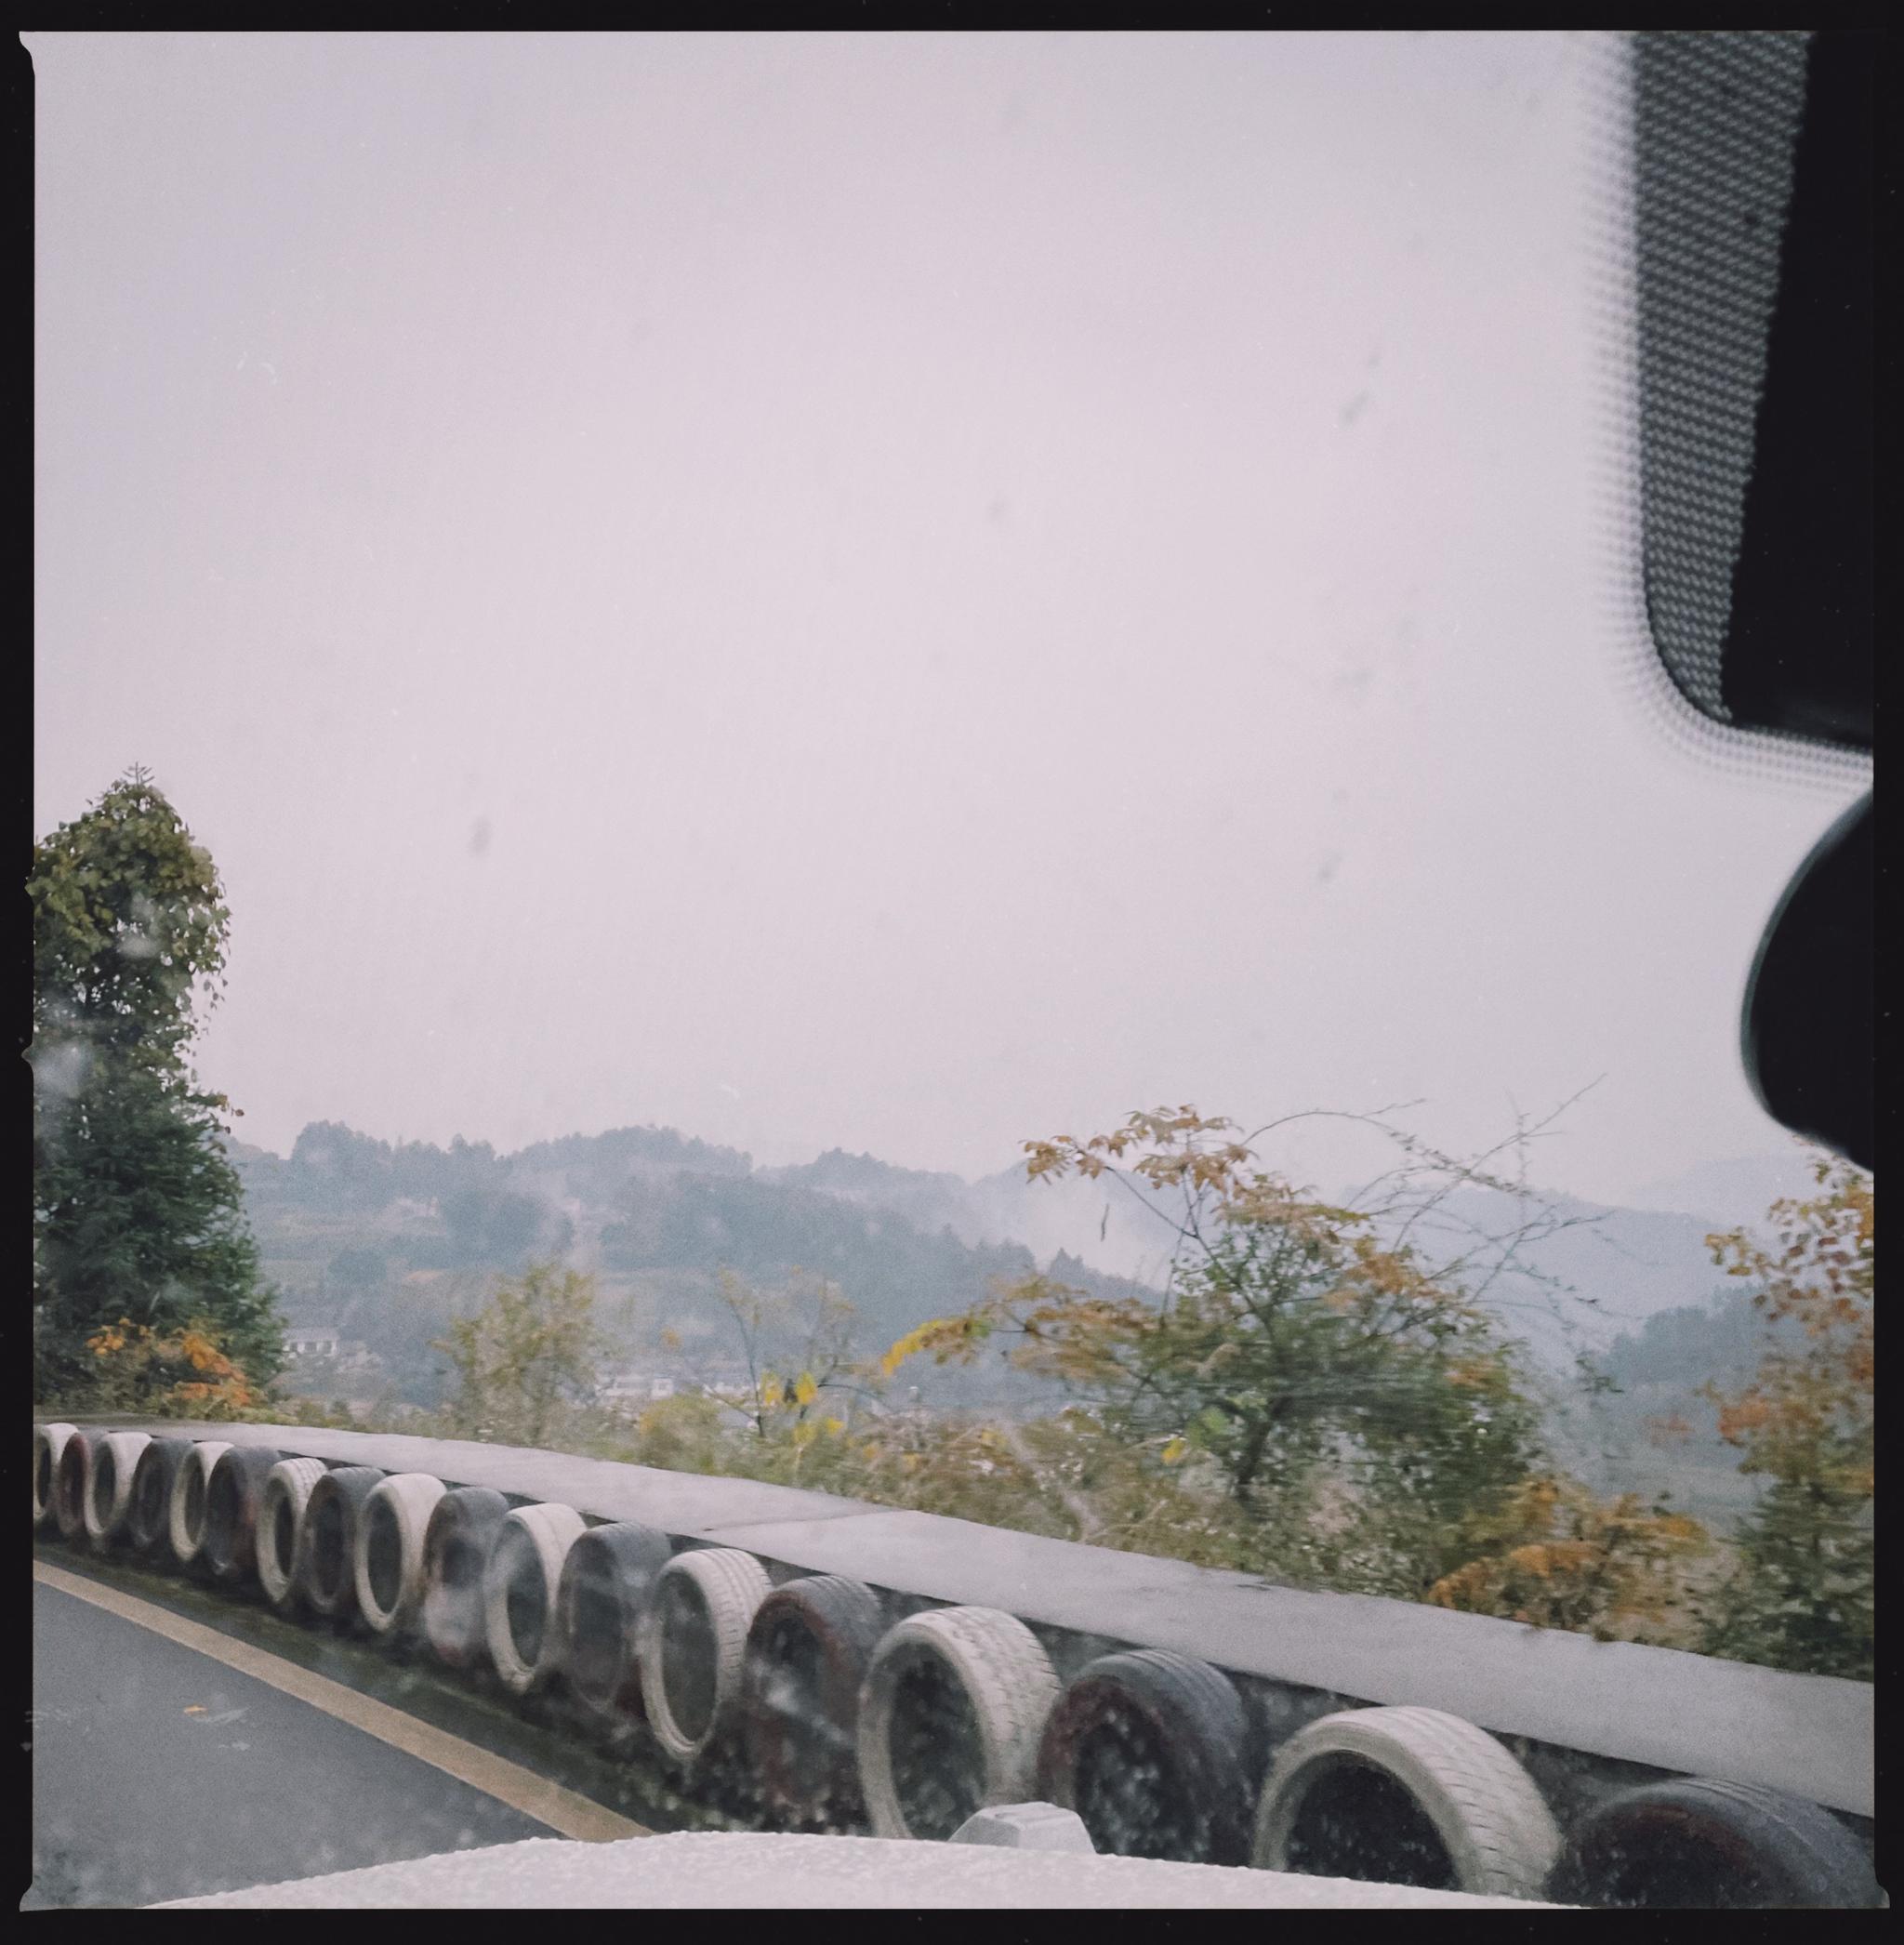 恩施梭布垭石林景区-重庆西郊雅社500km,7h